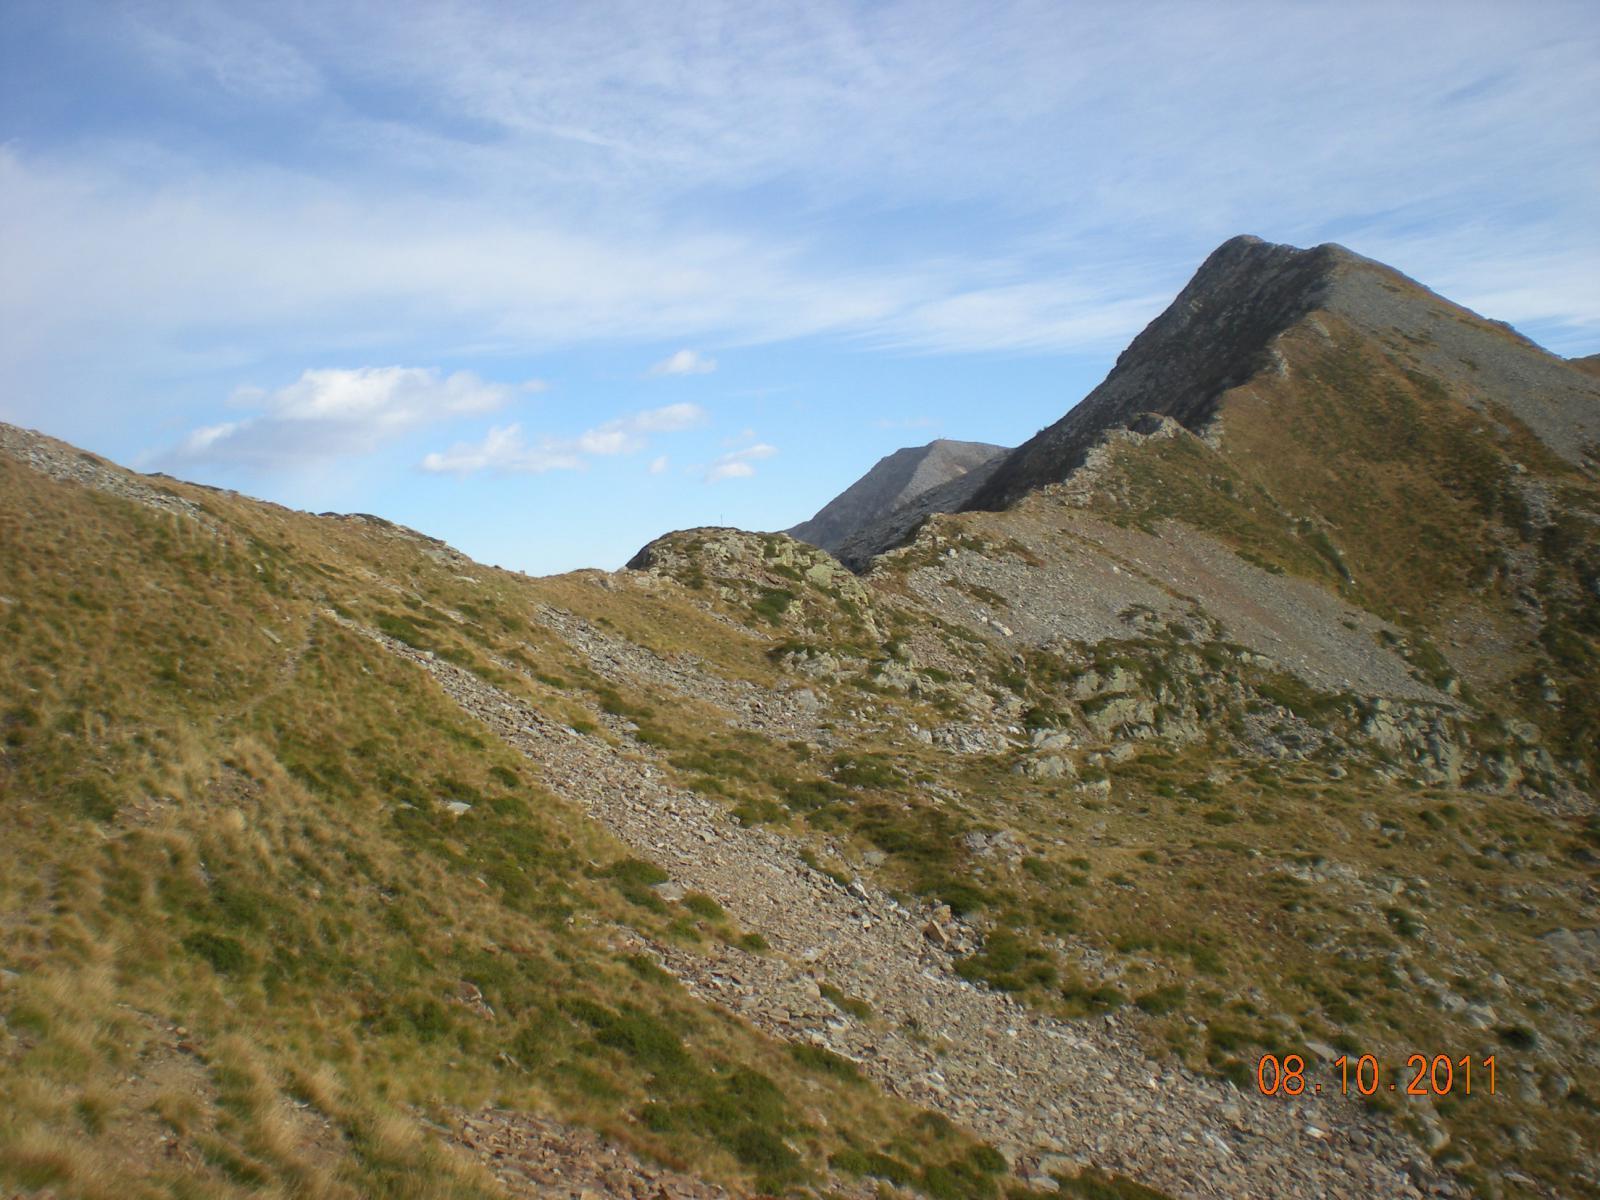 arrivando al Colle Gragliasca